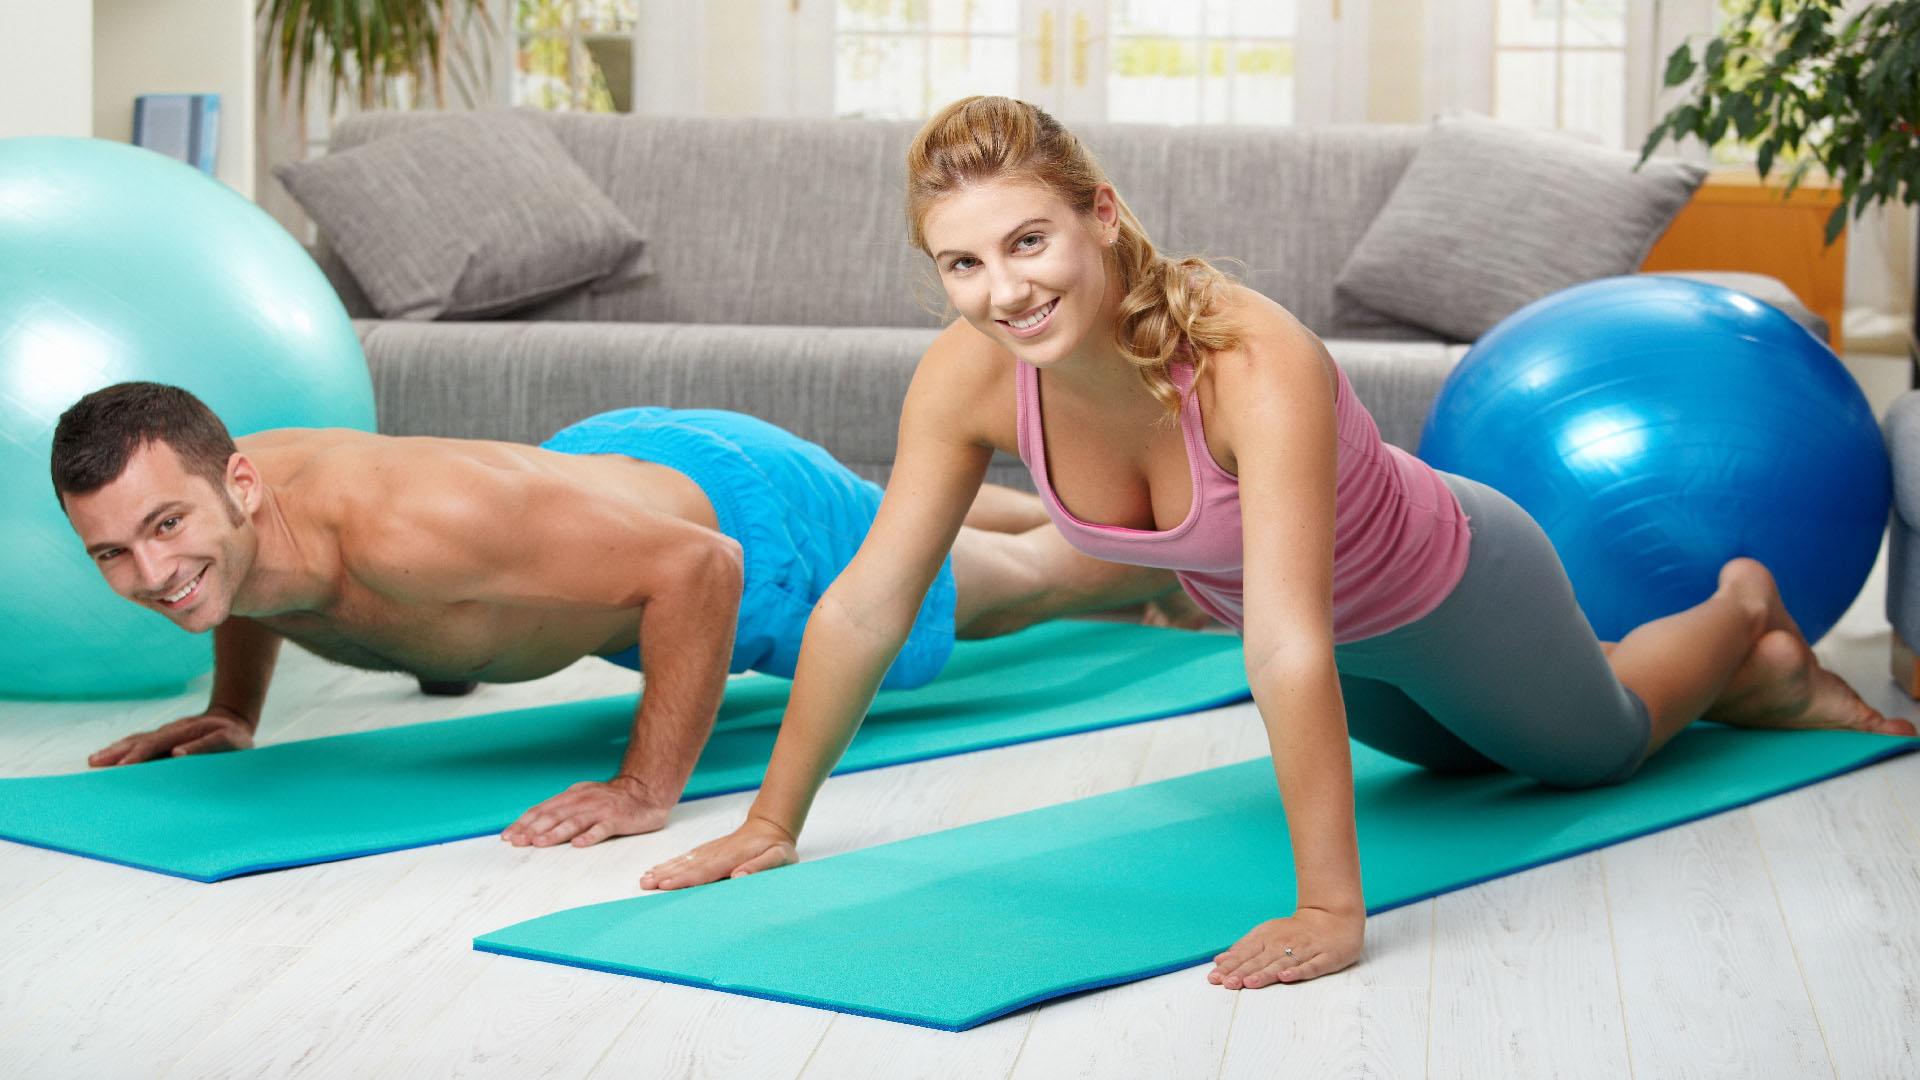 Con una efectiva rutina de ejercicios y una buena alimentación se pueden lograr excelentes resultados